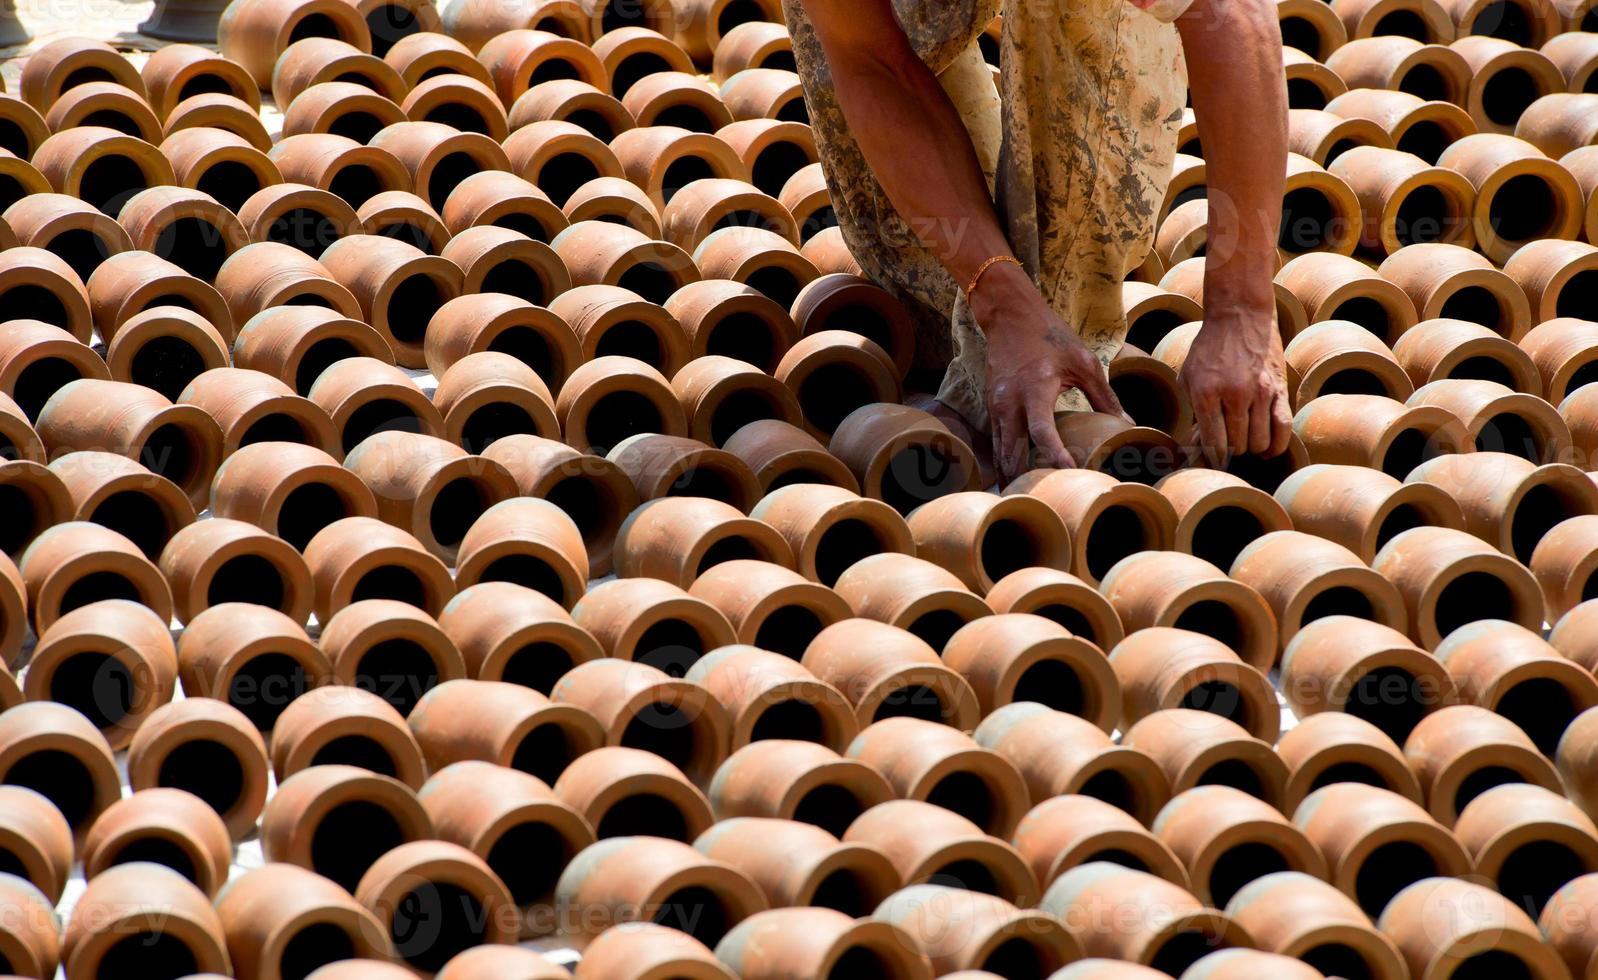 personnes faisant de la poterie sur l'une des places de bhaktapur , népal photo